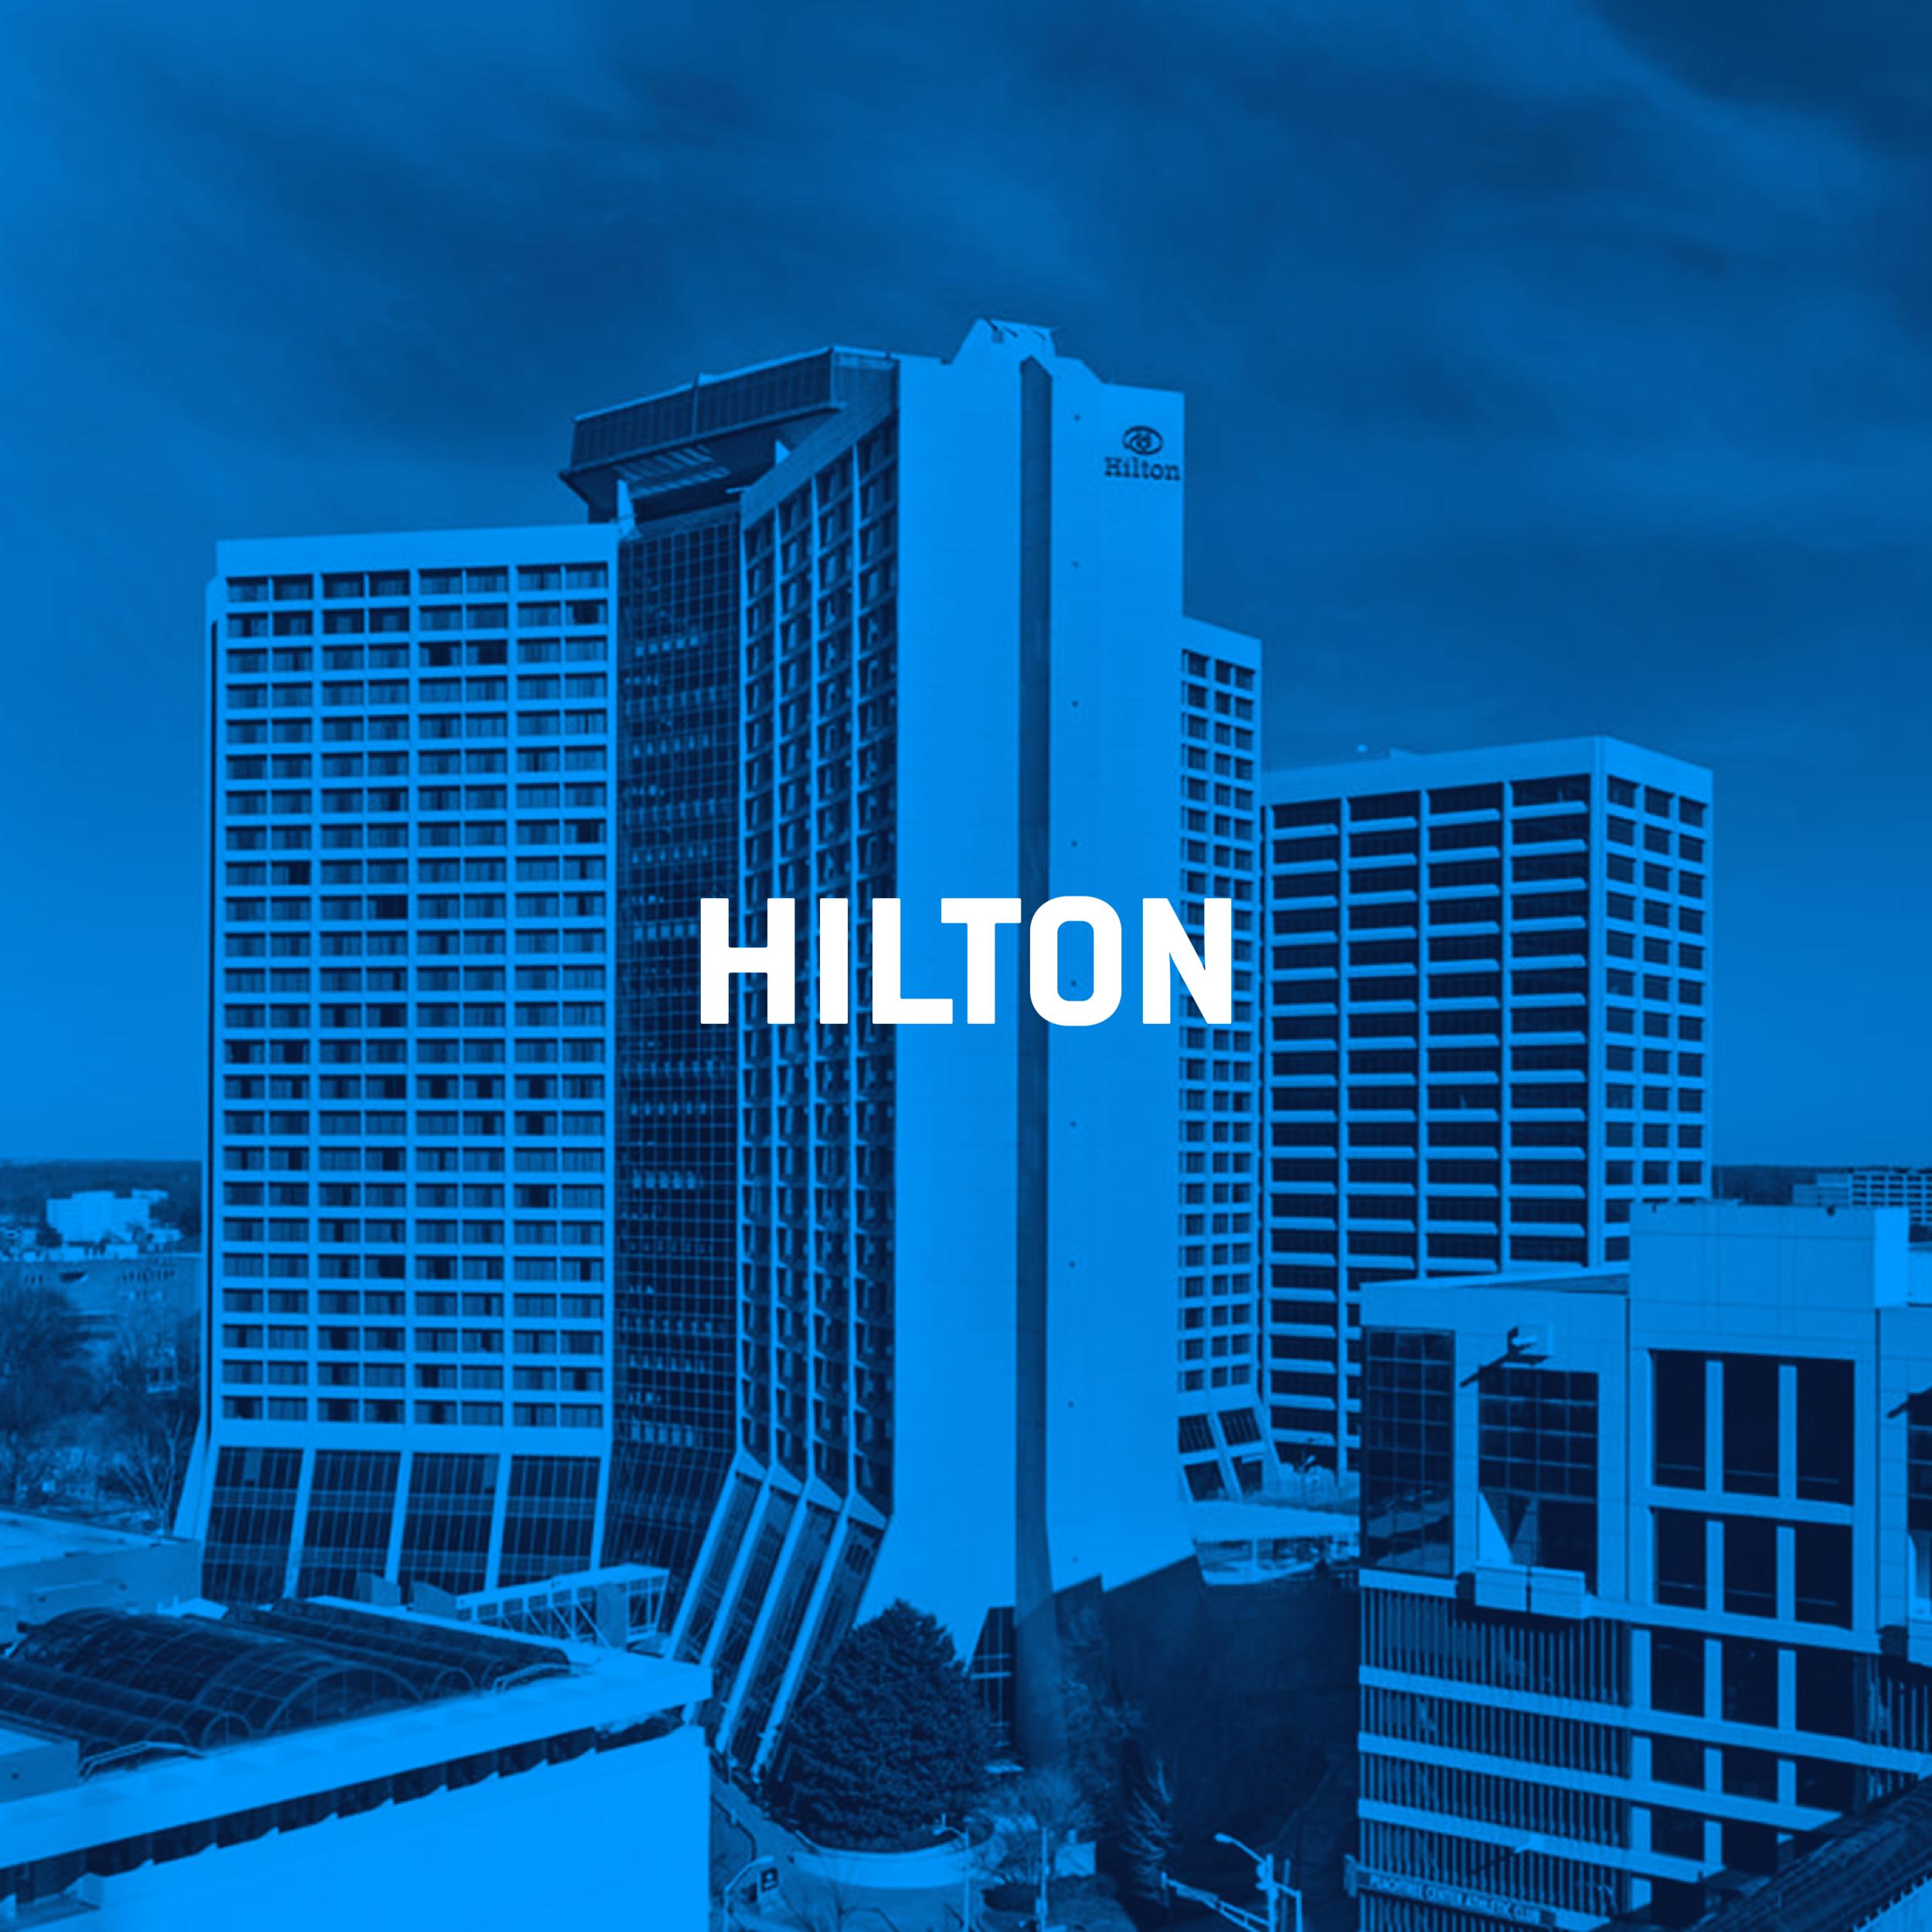 hilton_hilton-09.png